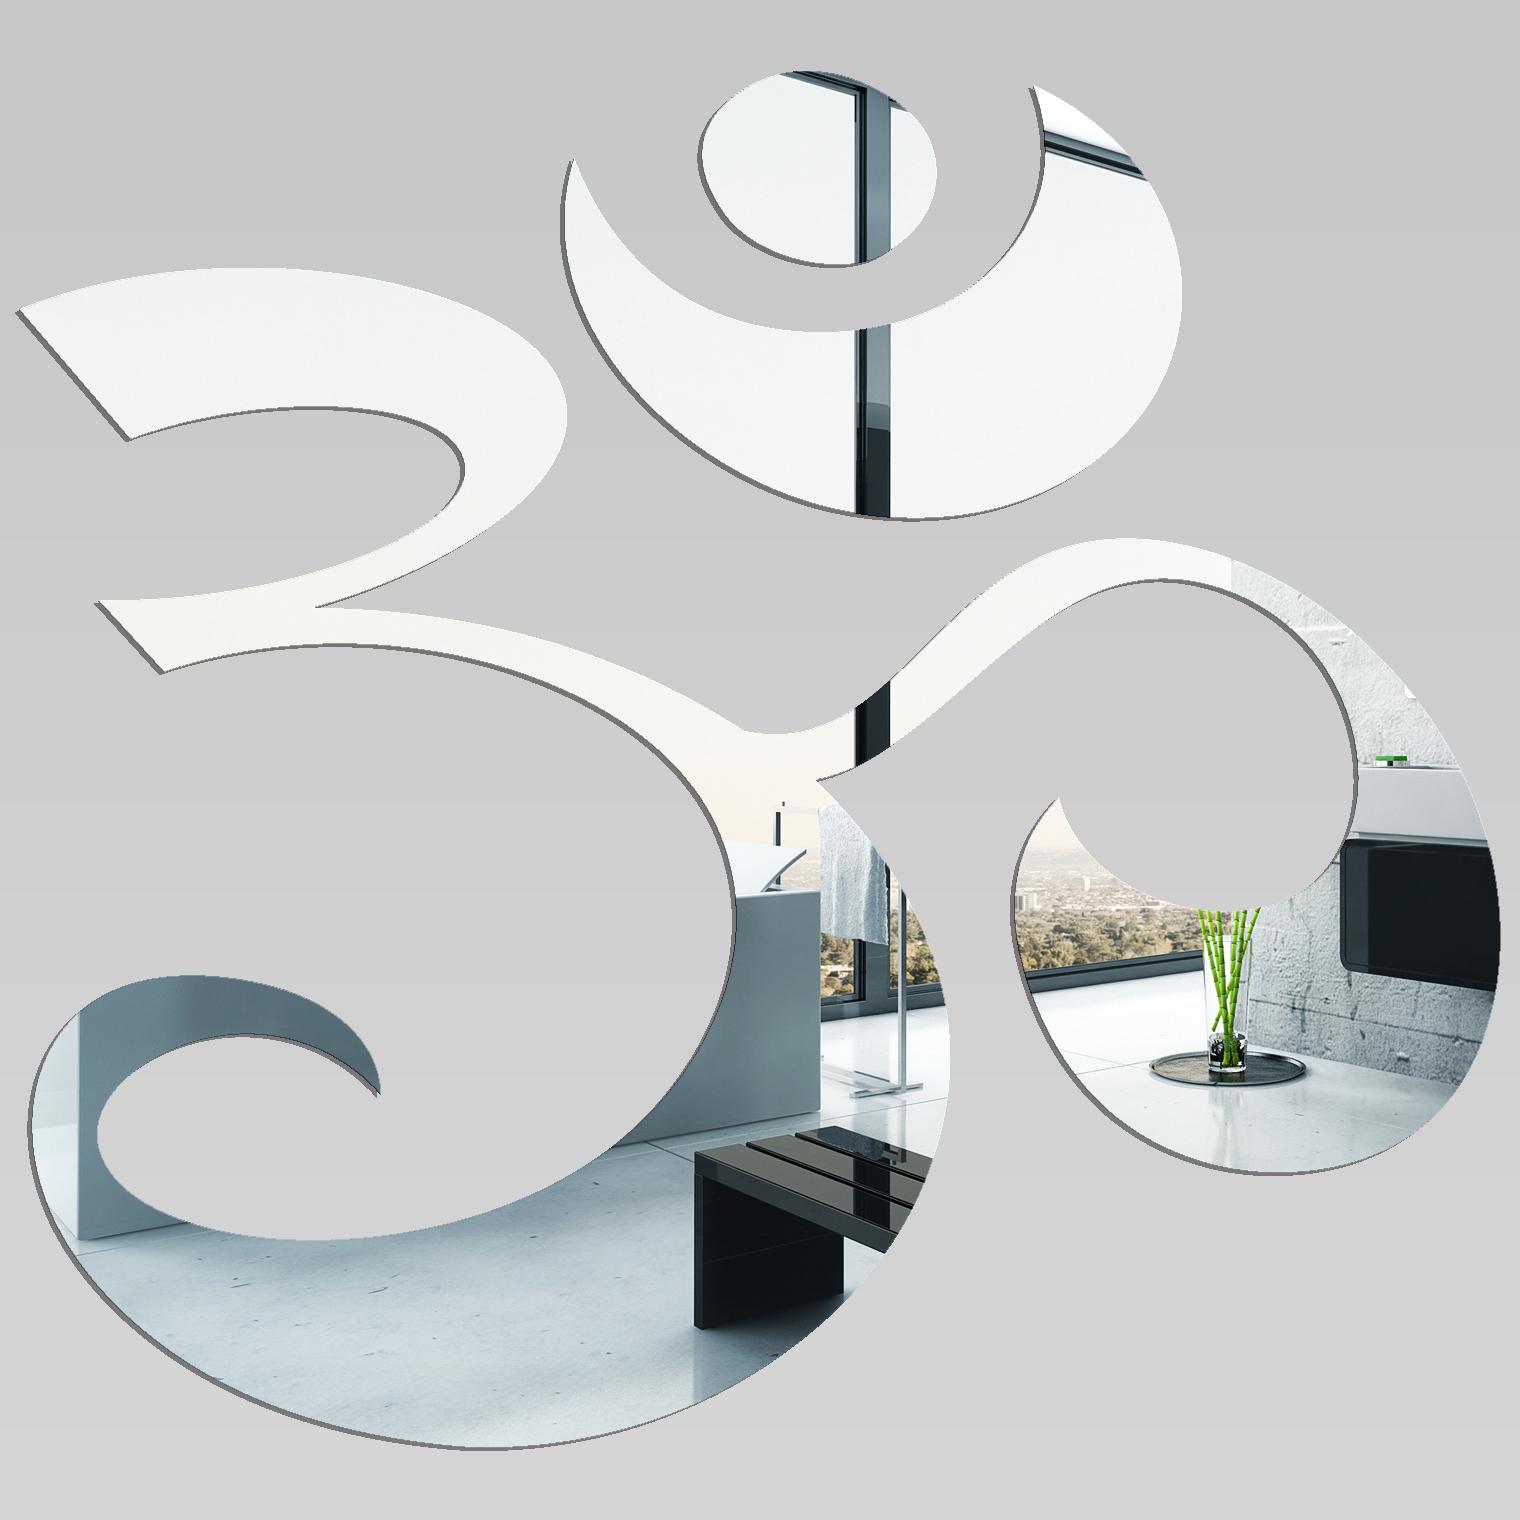 miroir plexiglass acrylique oriental 1 pas cher. Black Bedroom Furniture Sets. Home Design Ideas